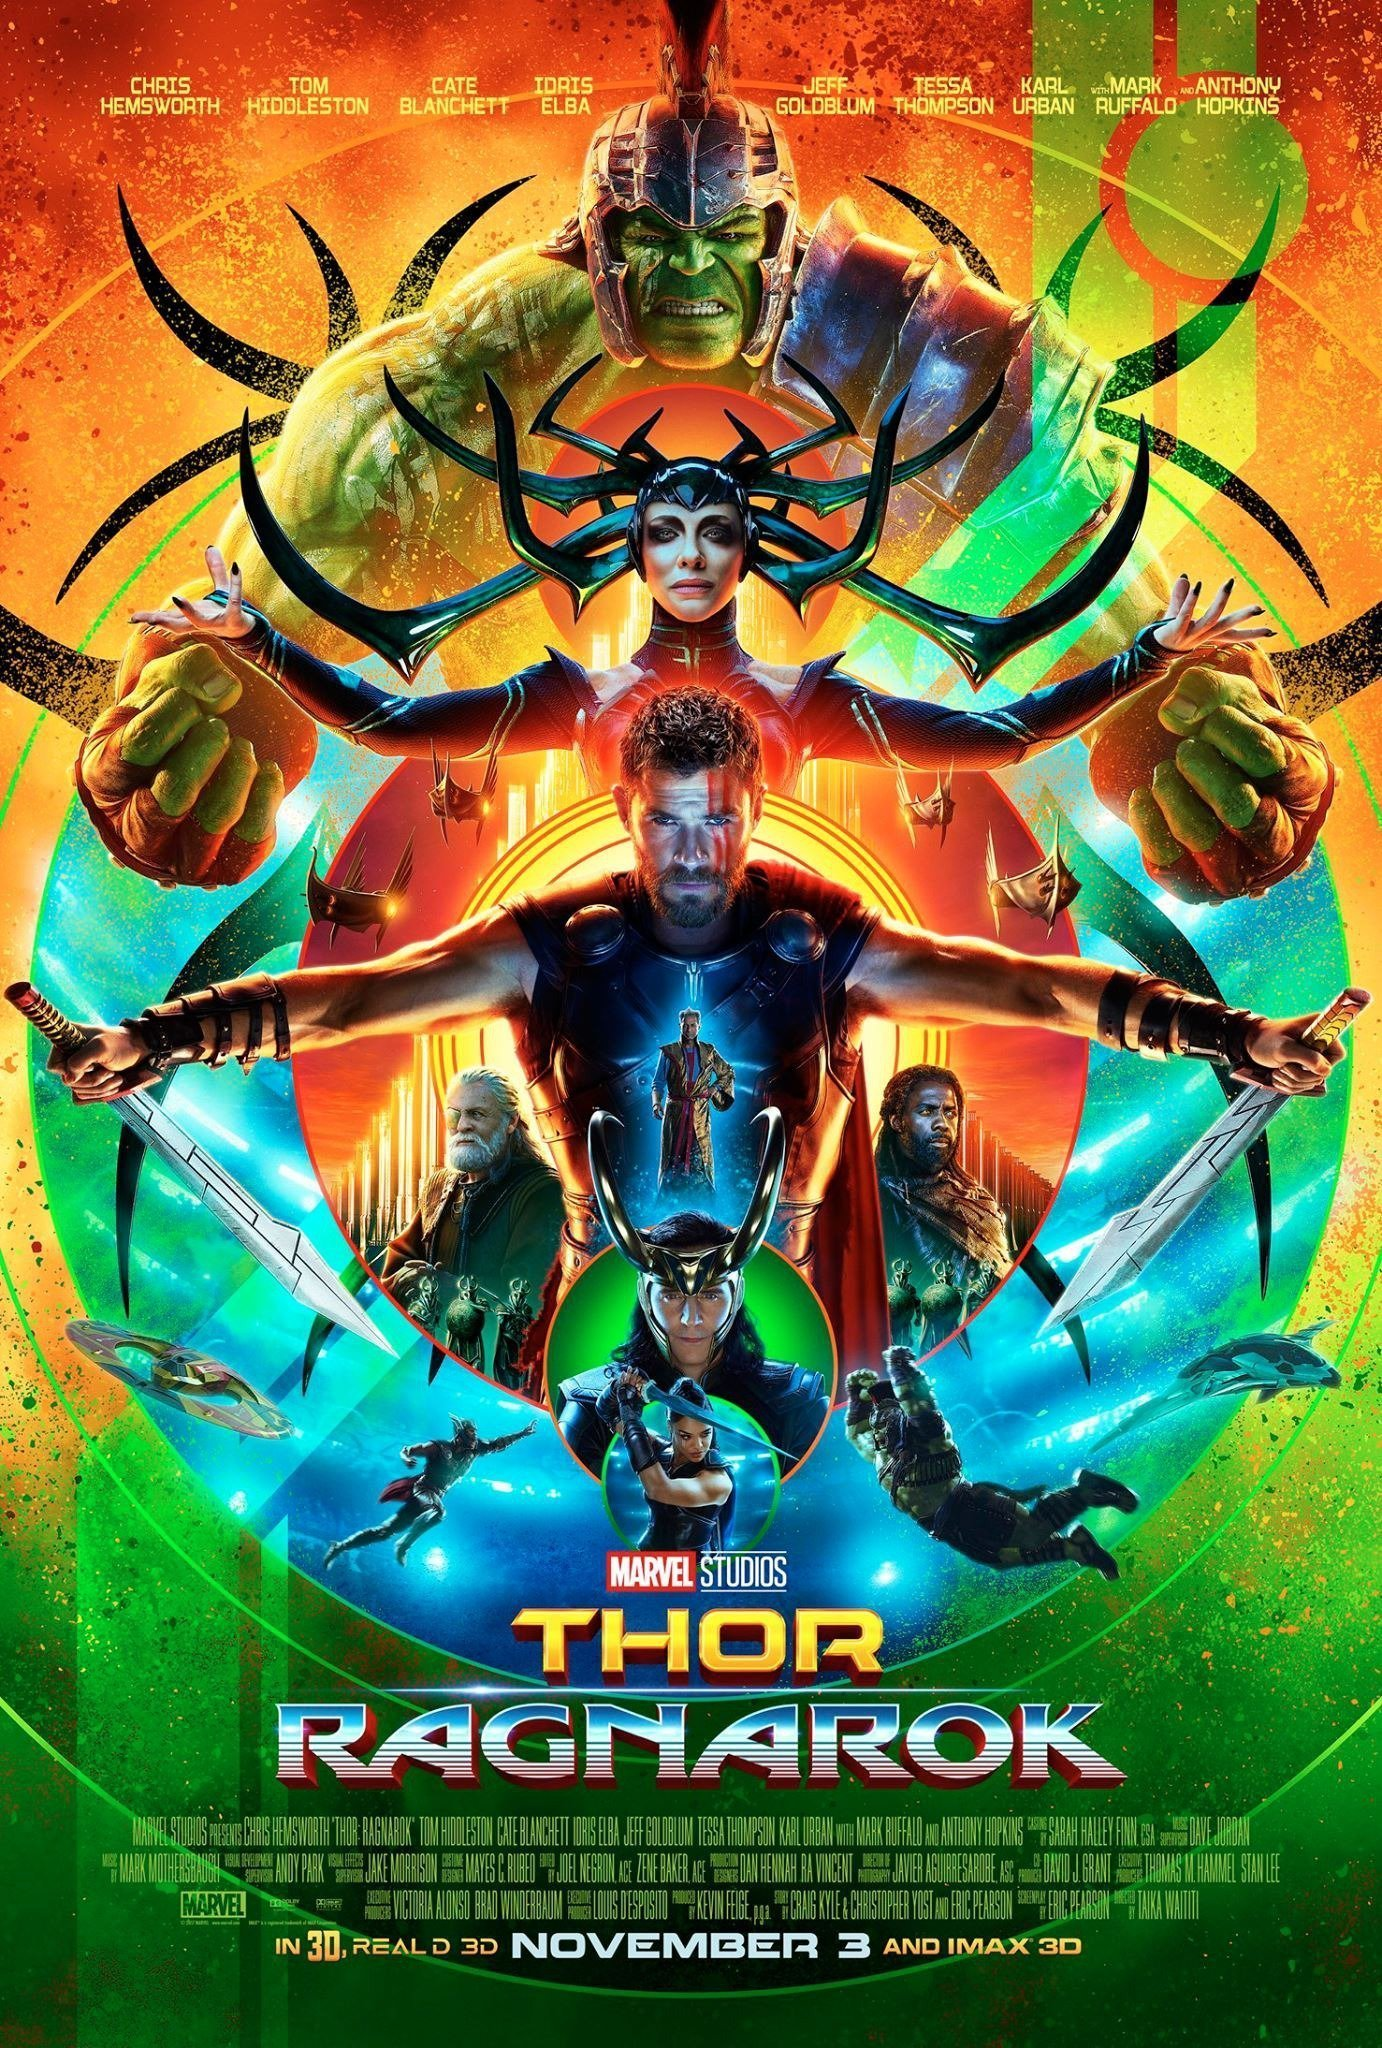 Poster teaser pour le film Thor: Ragnarok avec des cercles